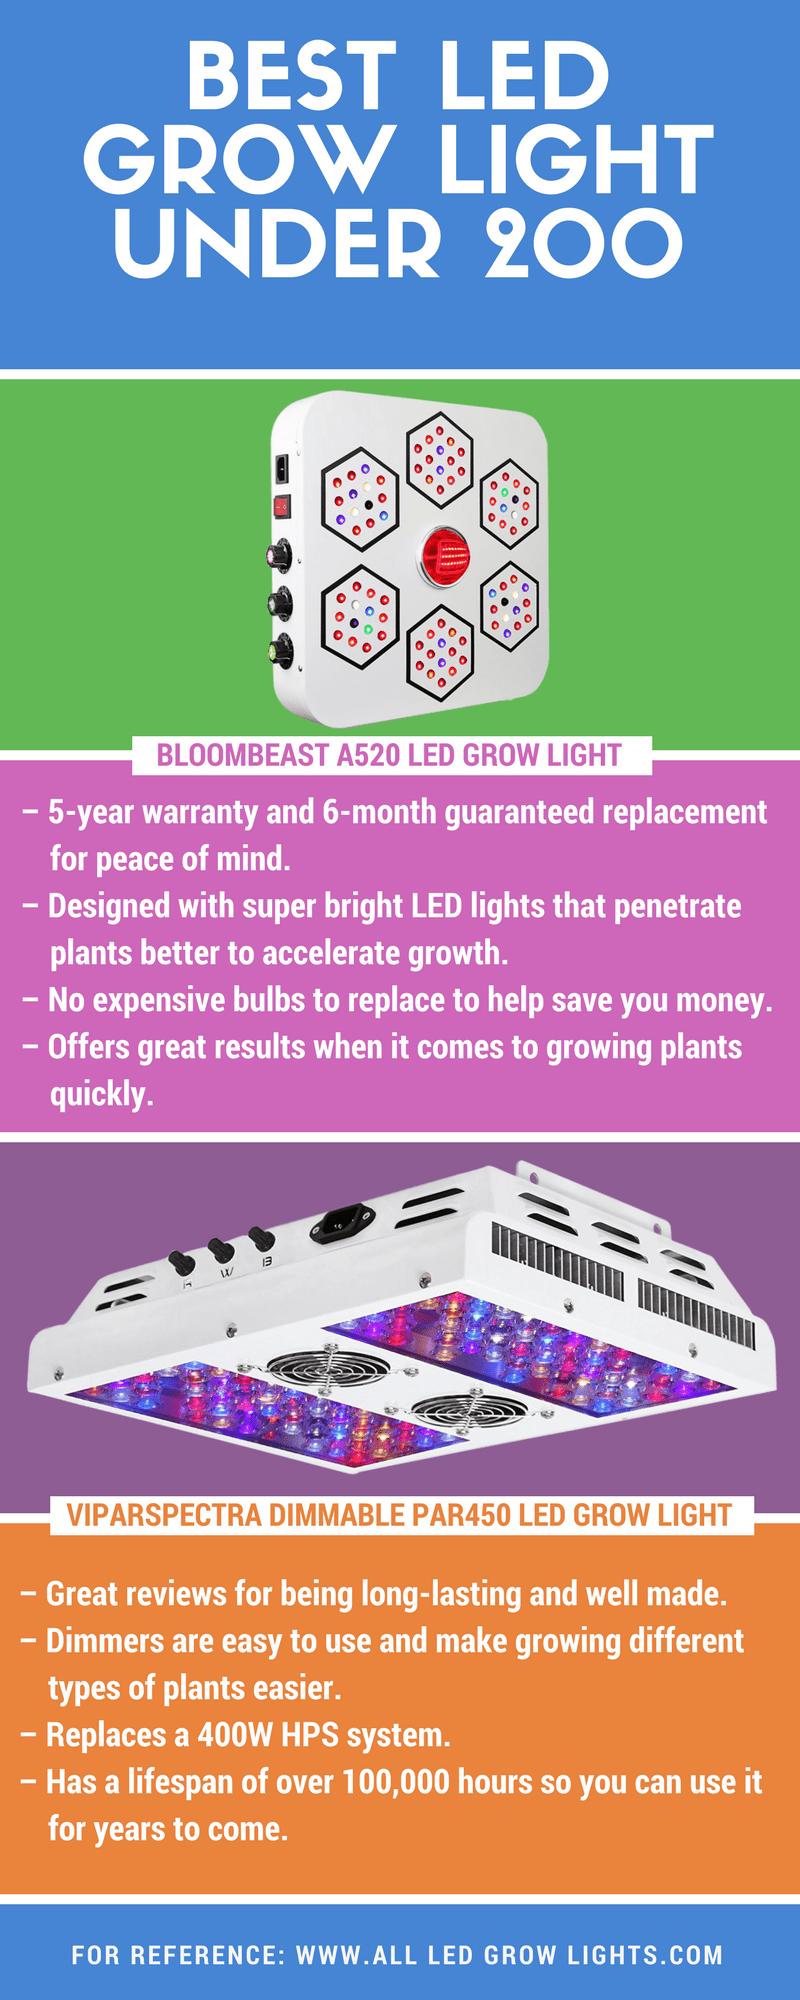 led grow light under $200 info graph